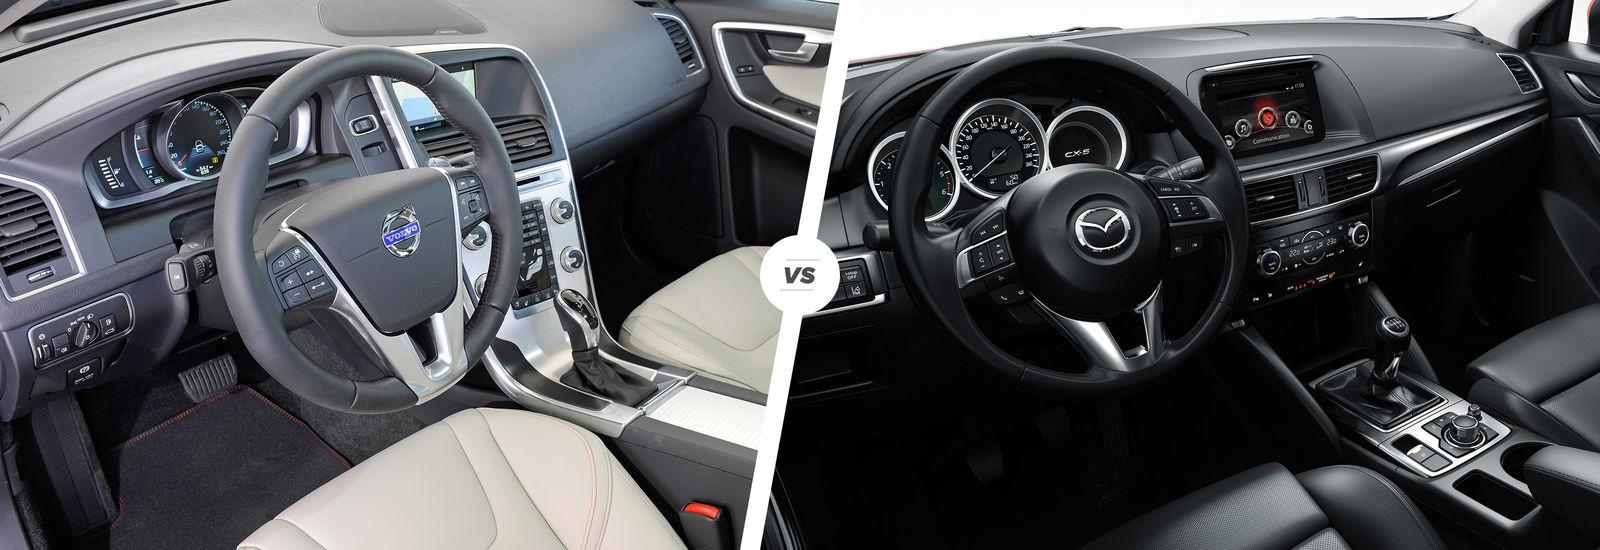 Volvo XC60 vs Mazda CX-5: SUV face-off | carwow